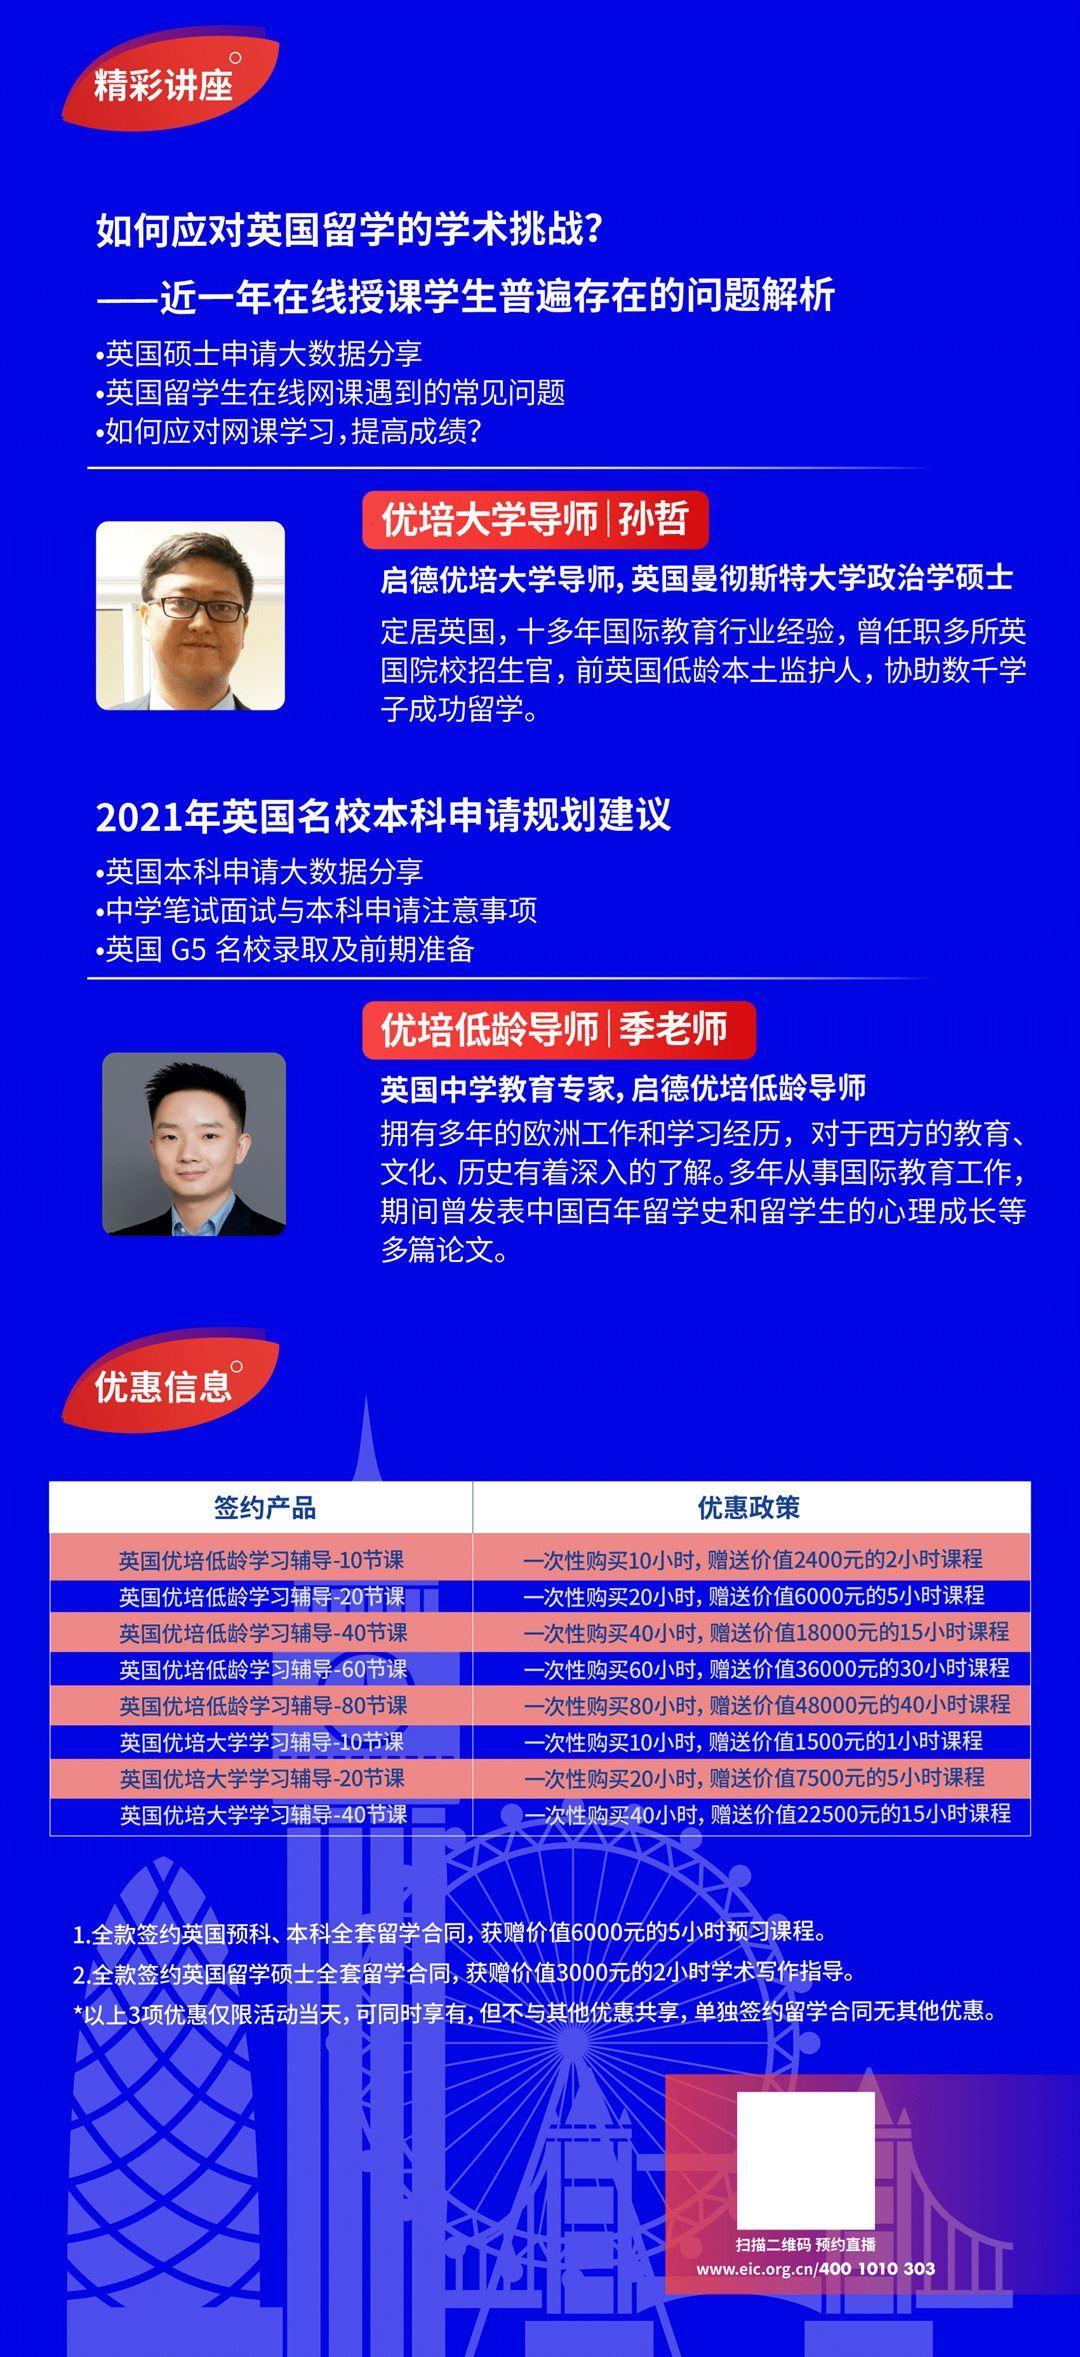 优惠及讲座信息手机推广图.png